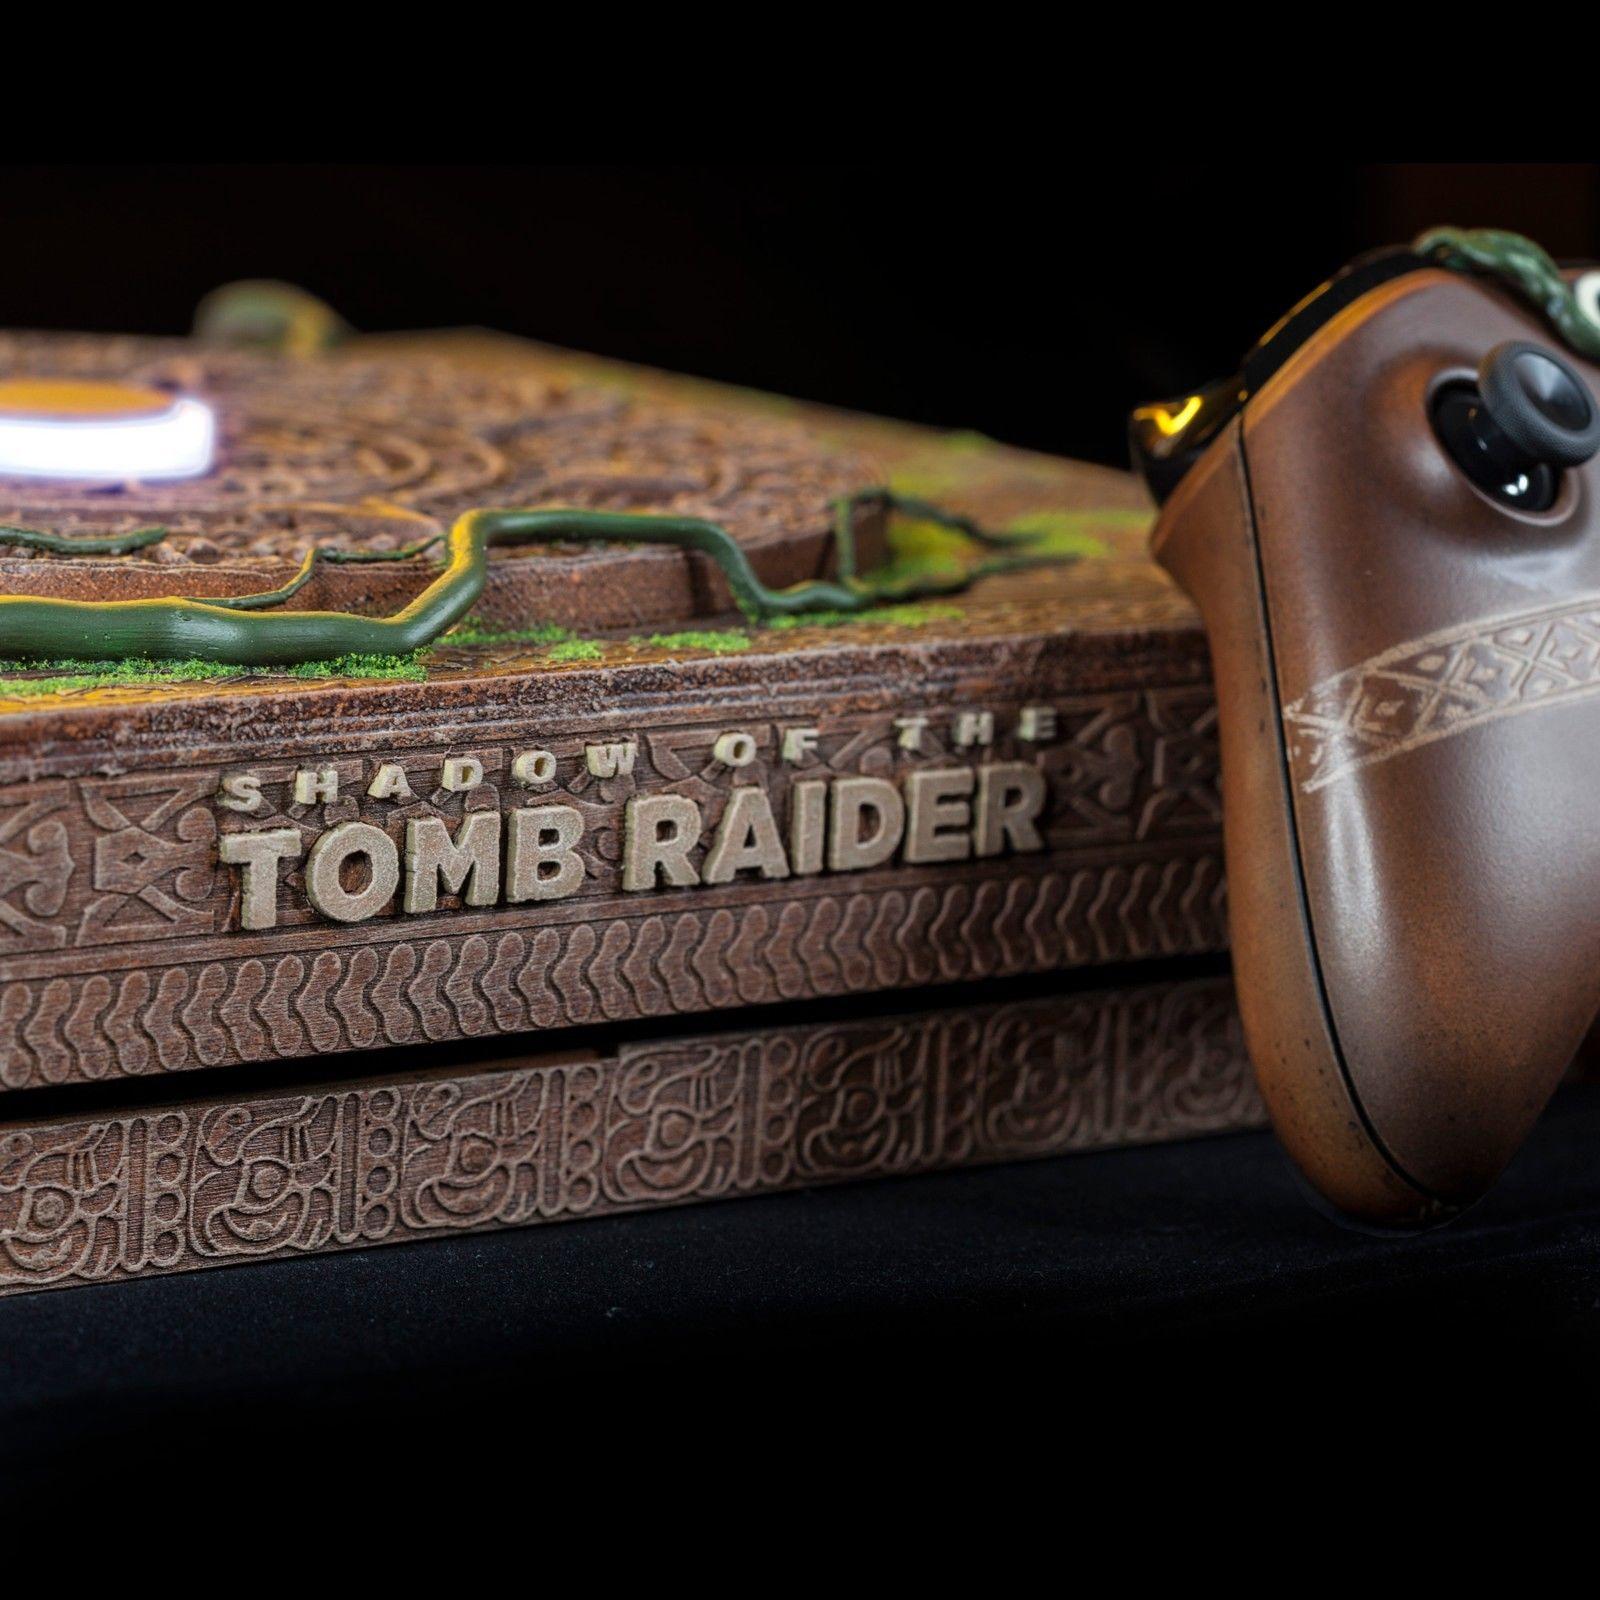 Xbox One X de Shadow of the Tomb Raider é espetacular – mas só existe um